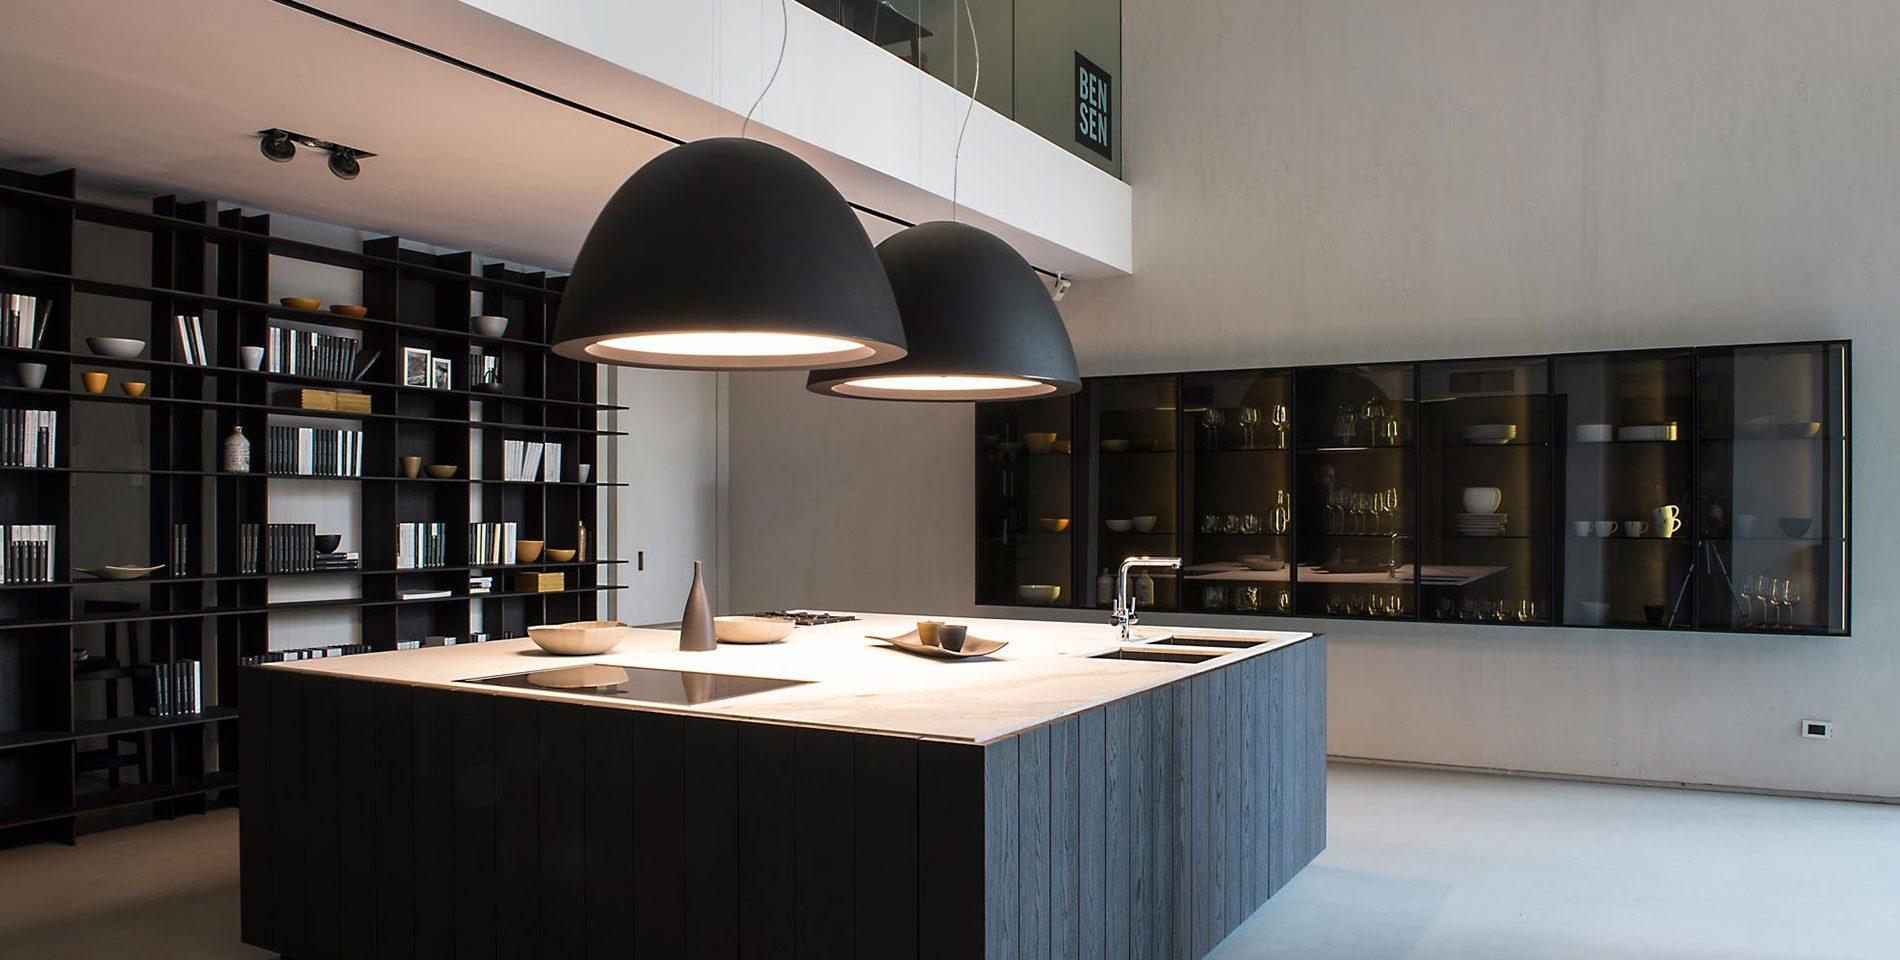 Illuminazione Piano Lavoro Cucina come illuminare la cucina con le nostre lampade - panzeri